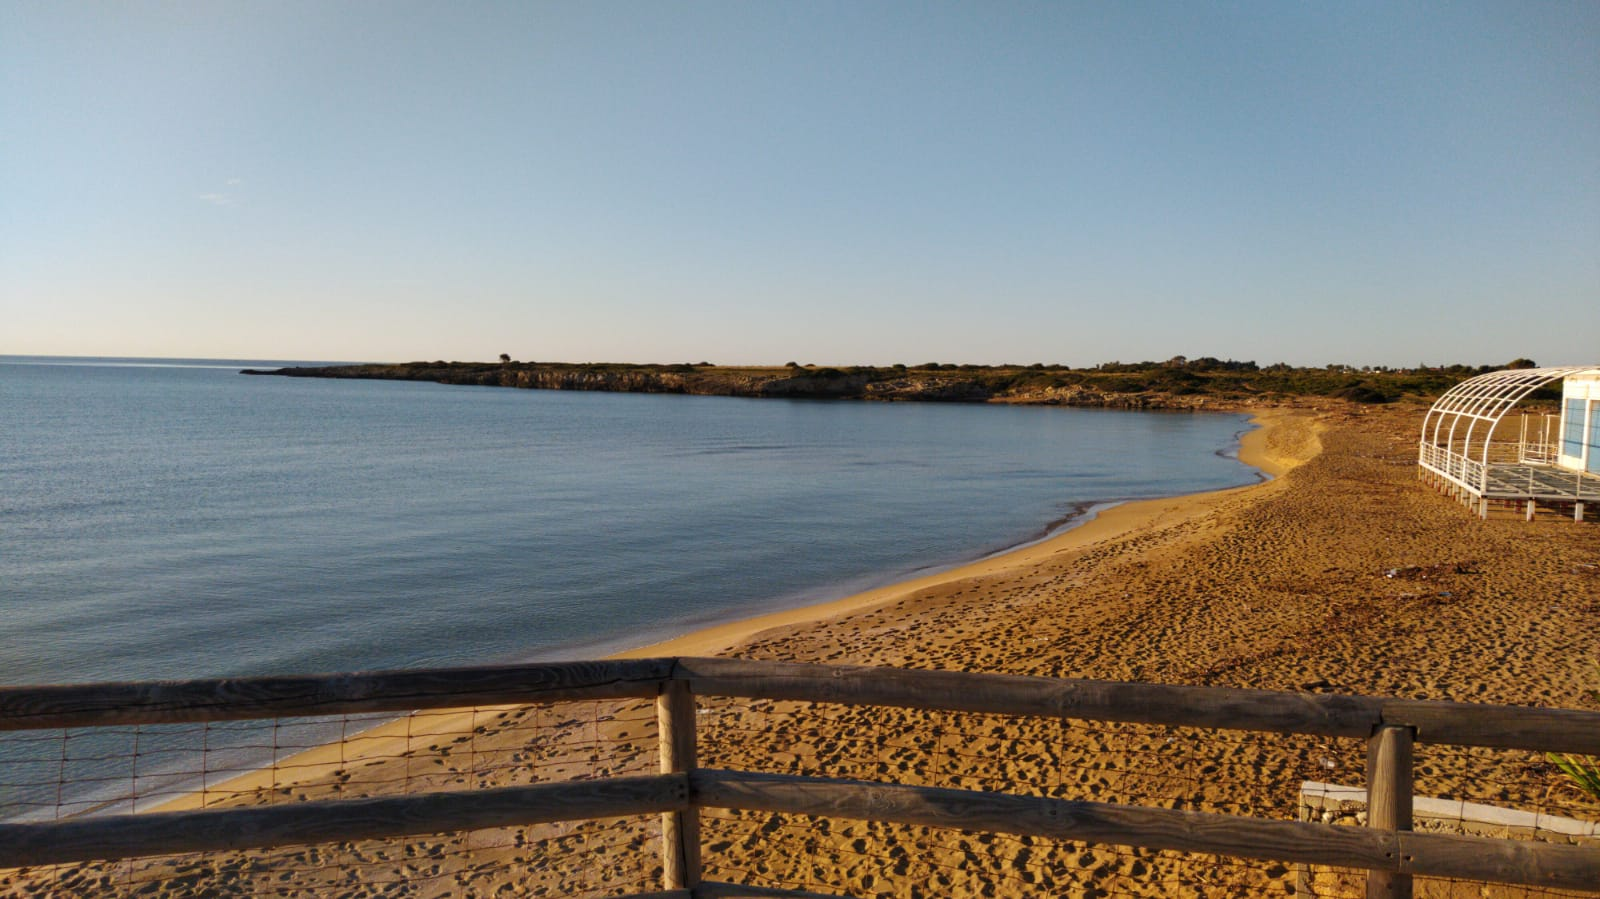 Spiaggia Arenella: Relax sole e mare